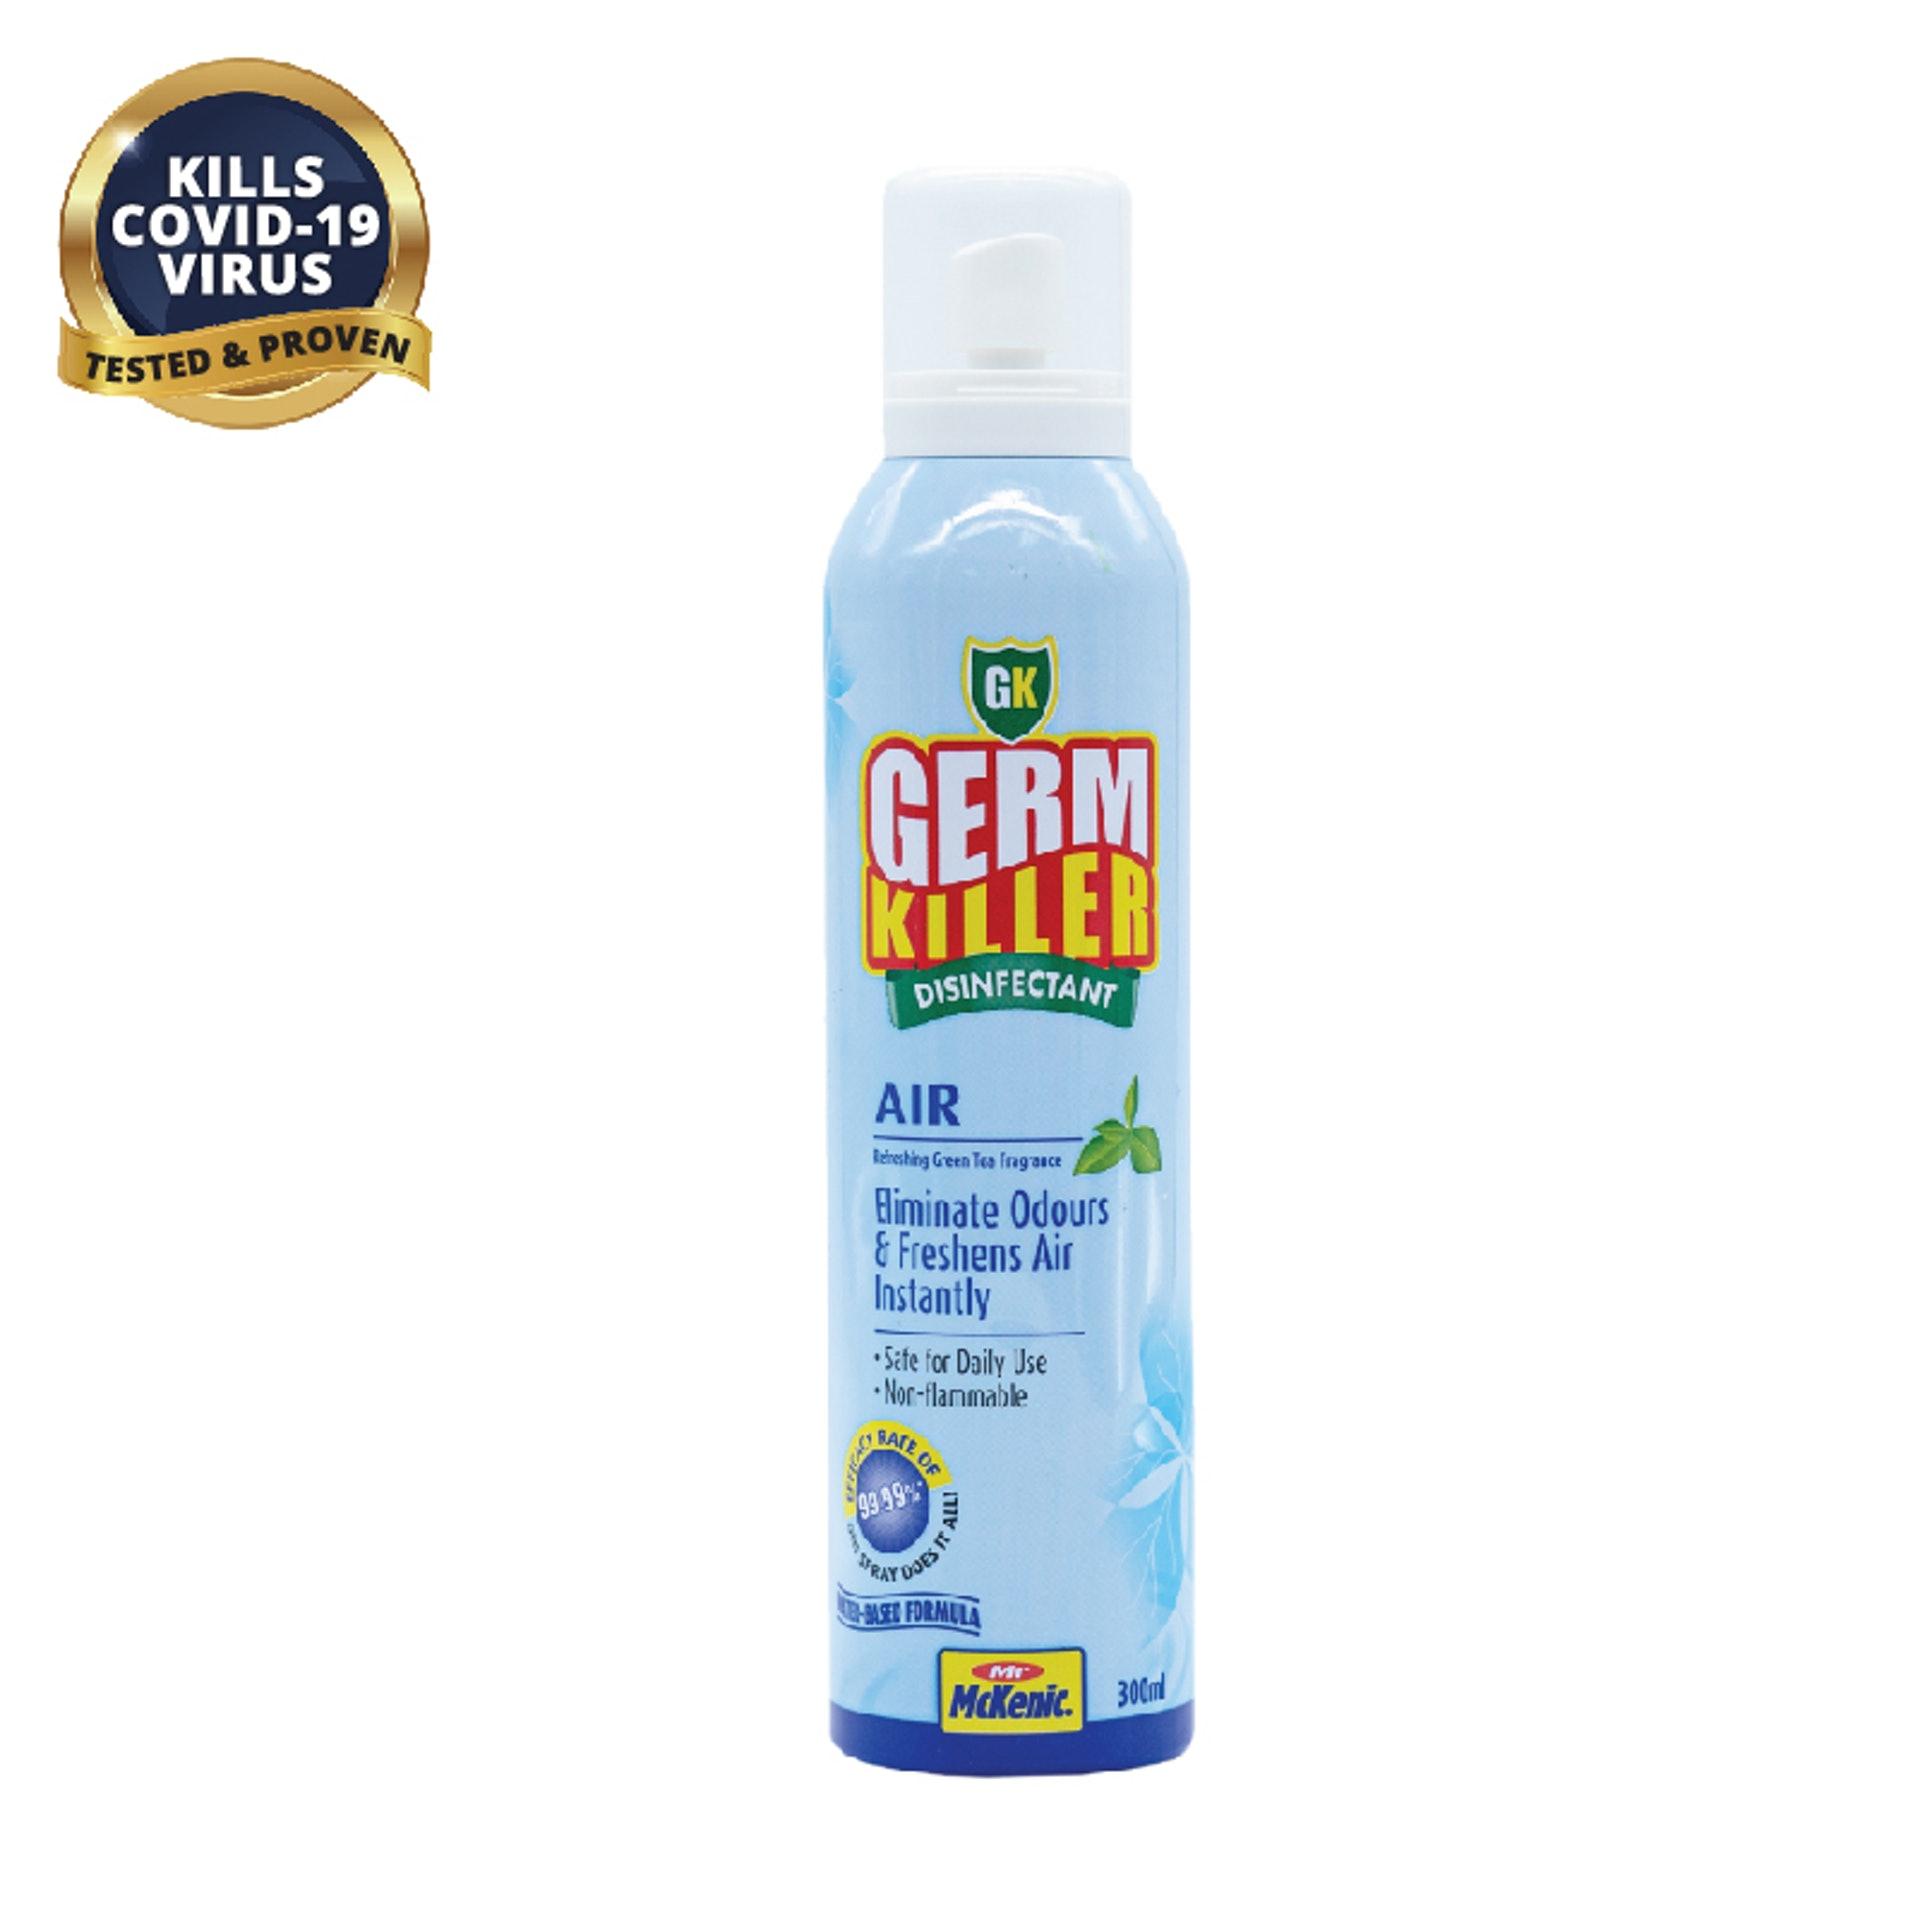 GK淨可立® 空氣殺菌噴霧™能夠從異味的源頭著手,透過消滅細菌,改善室內空氣質素,為你四周的環境即時帶來持久的清新。